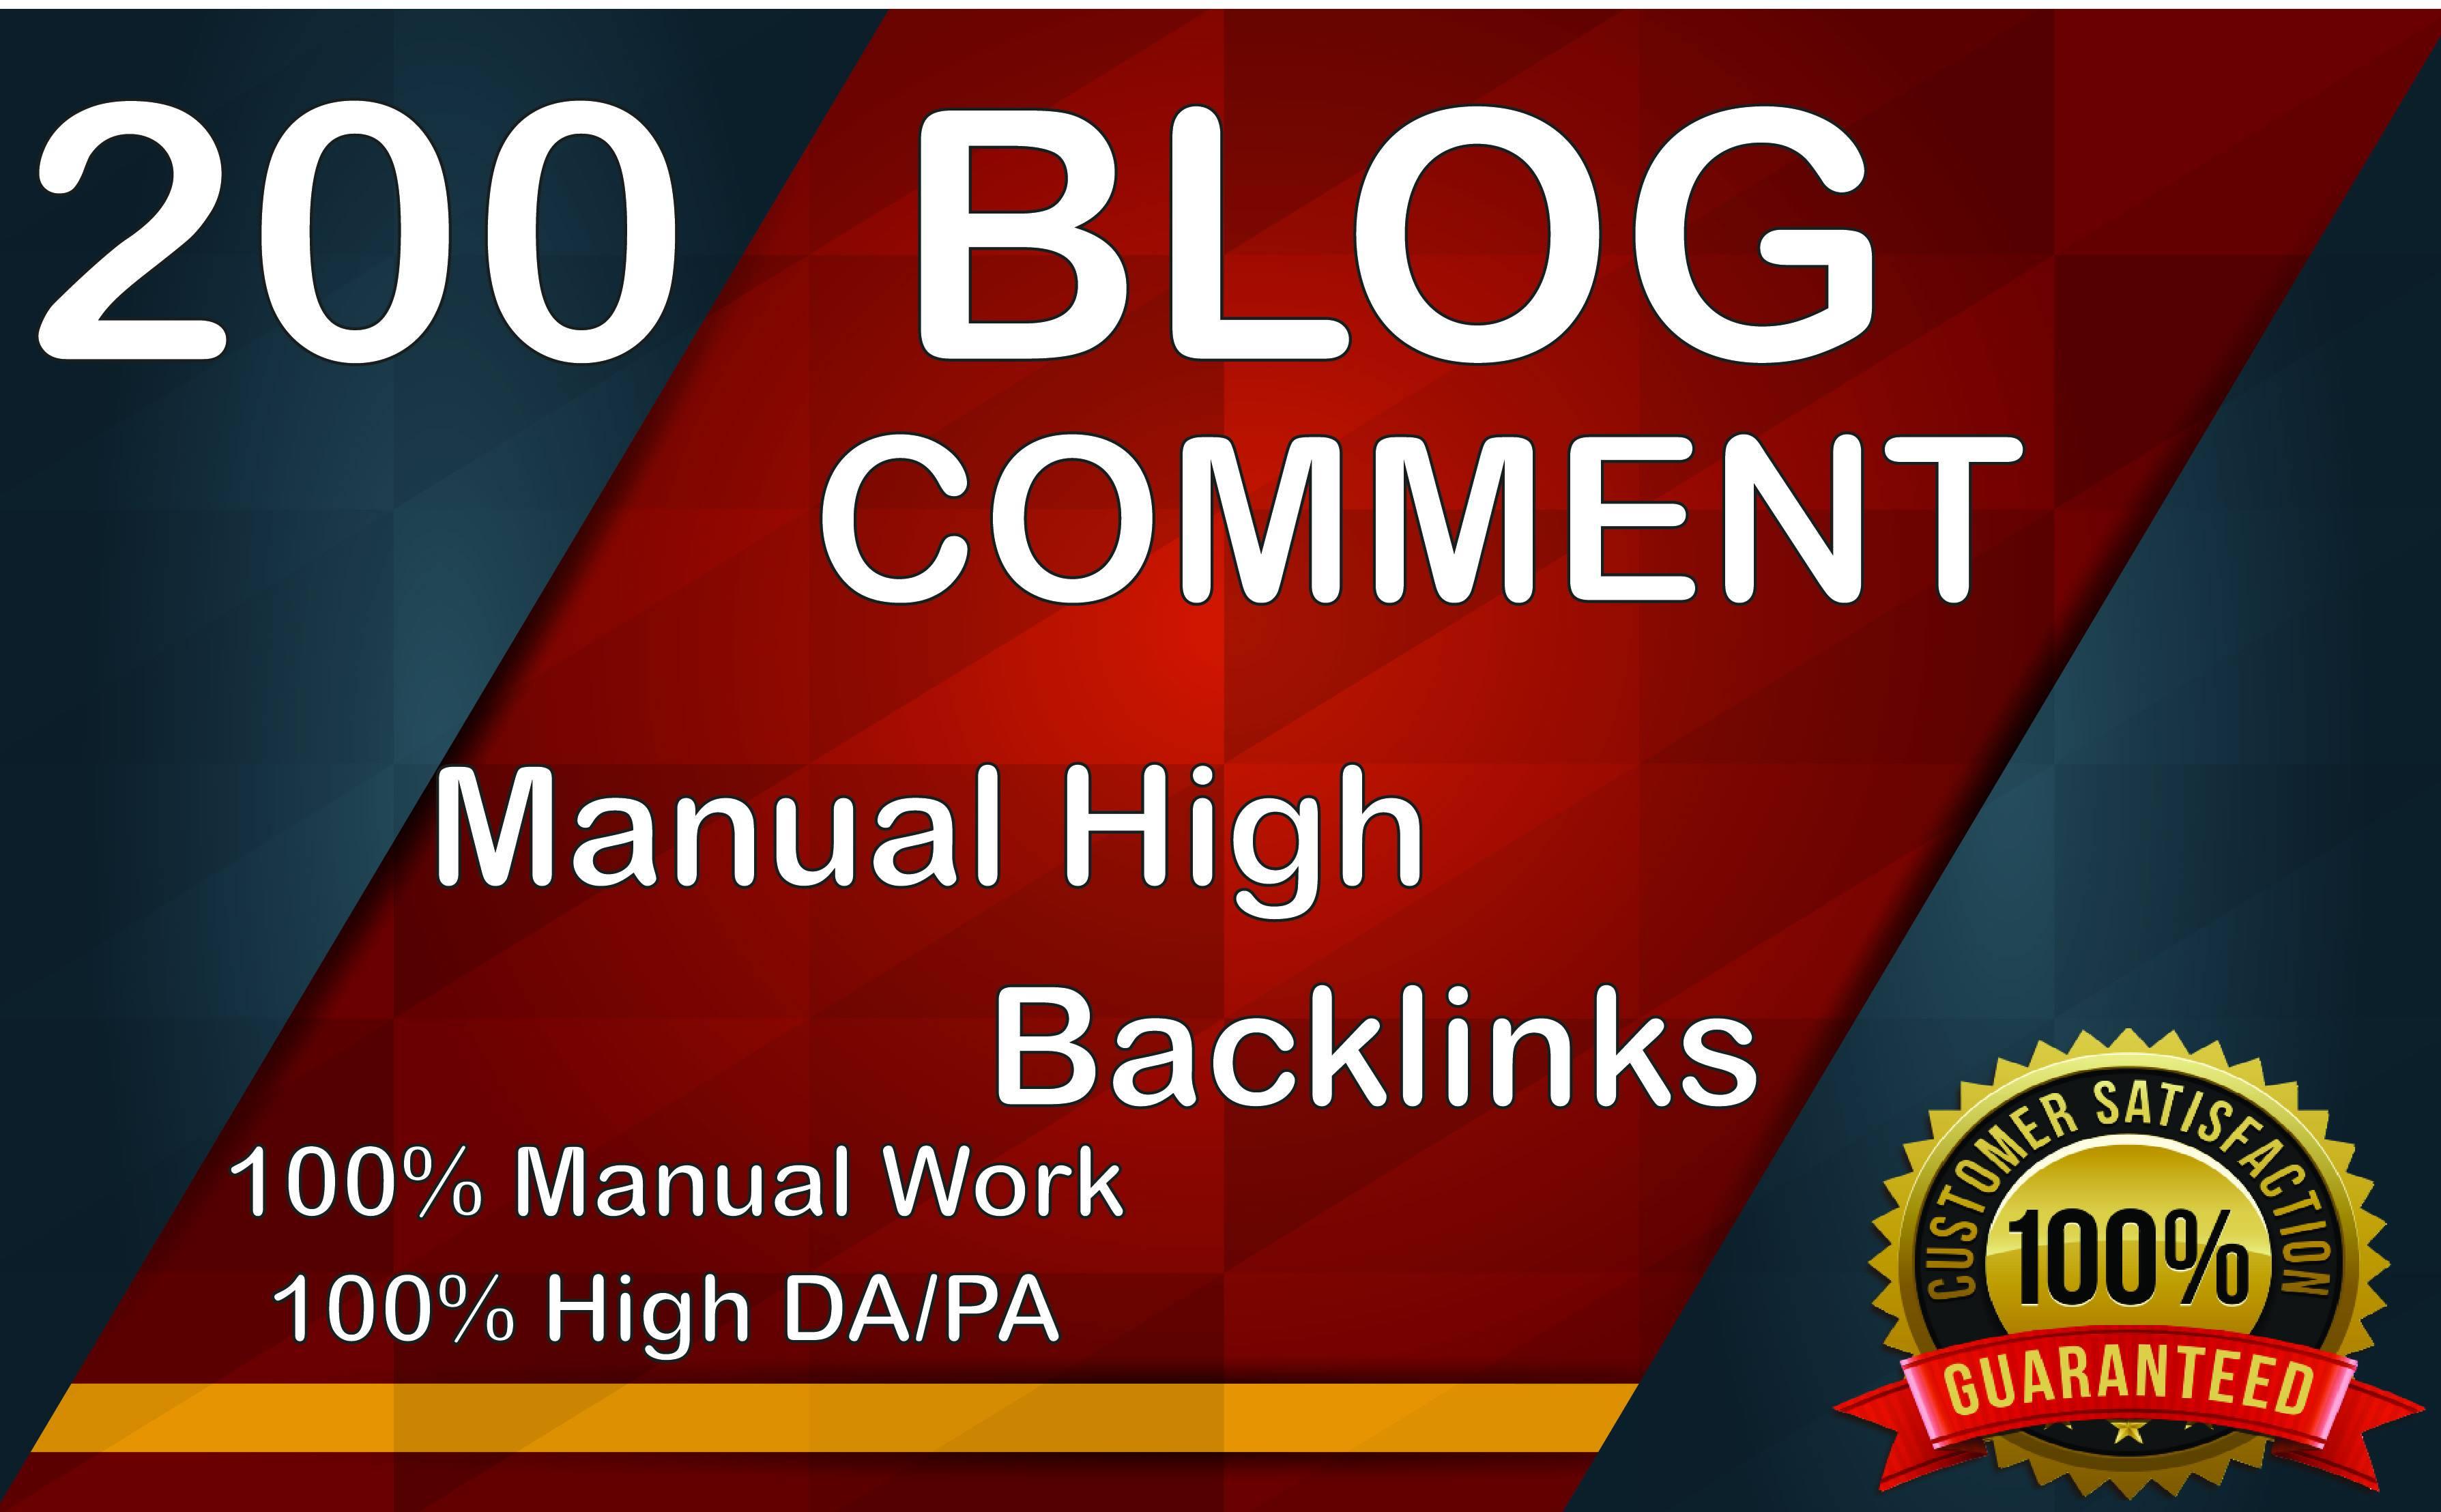 Get 200 High DA PA Dofollow Blog comment Backlinks